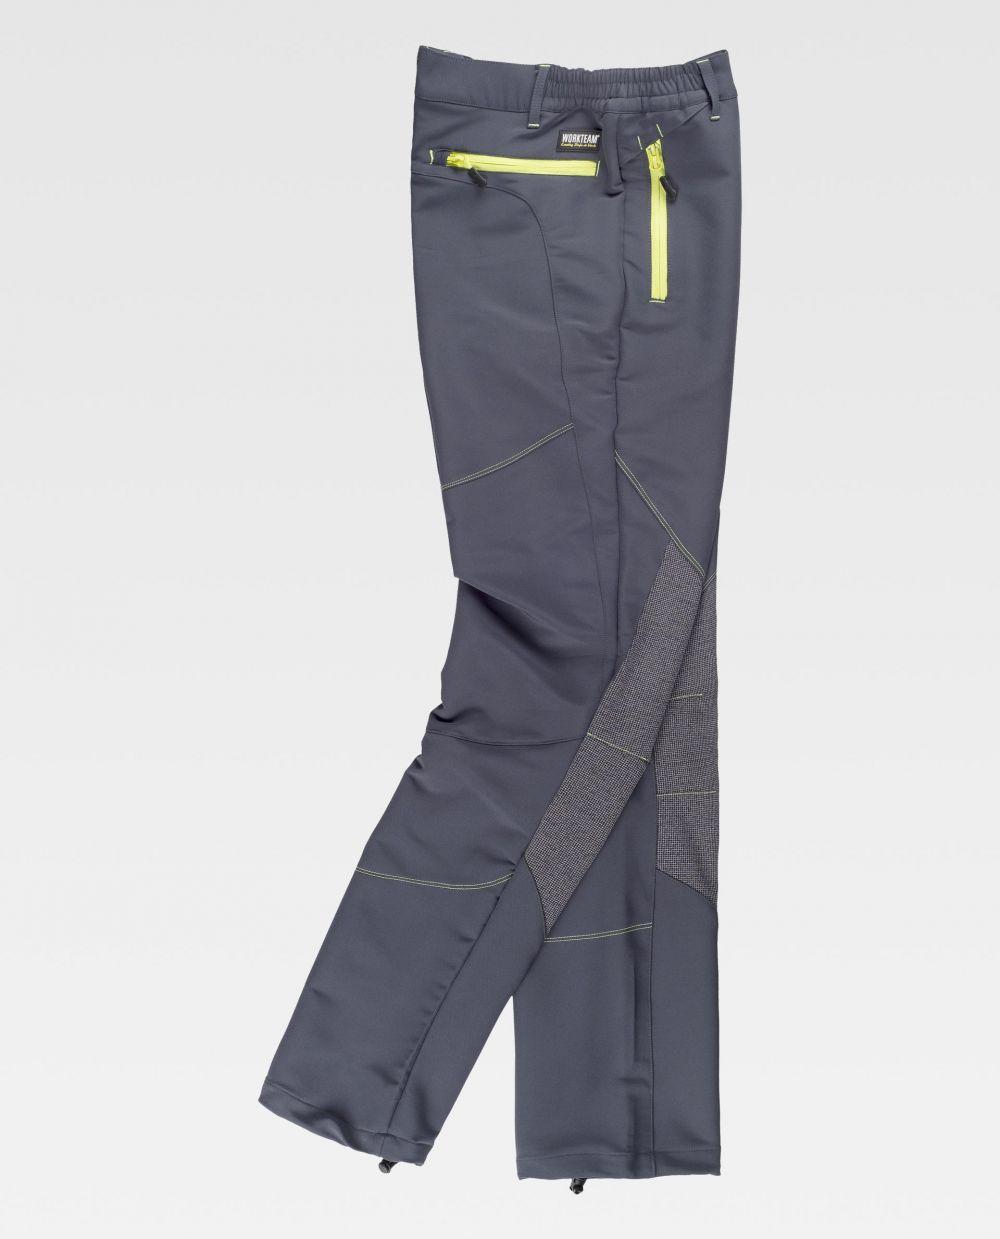 Pantalones de trabajo workteam s9855 de poliéster con impresión vista 2